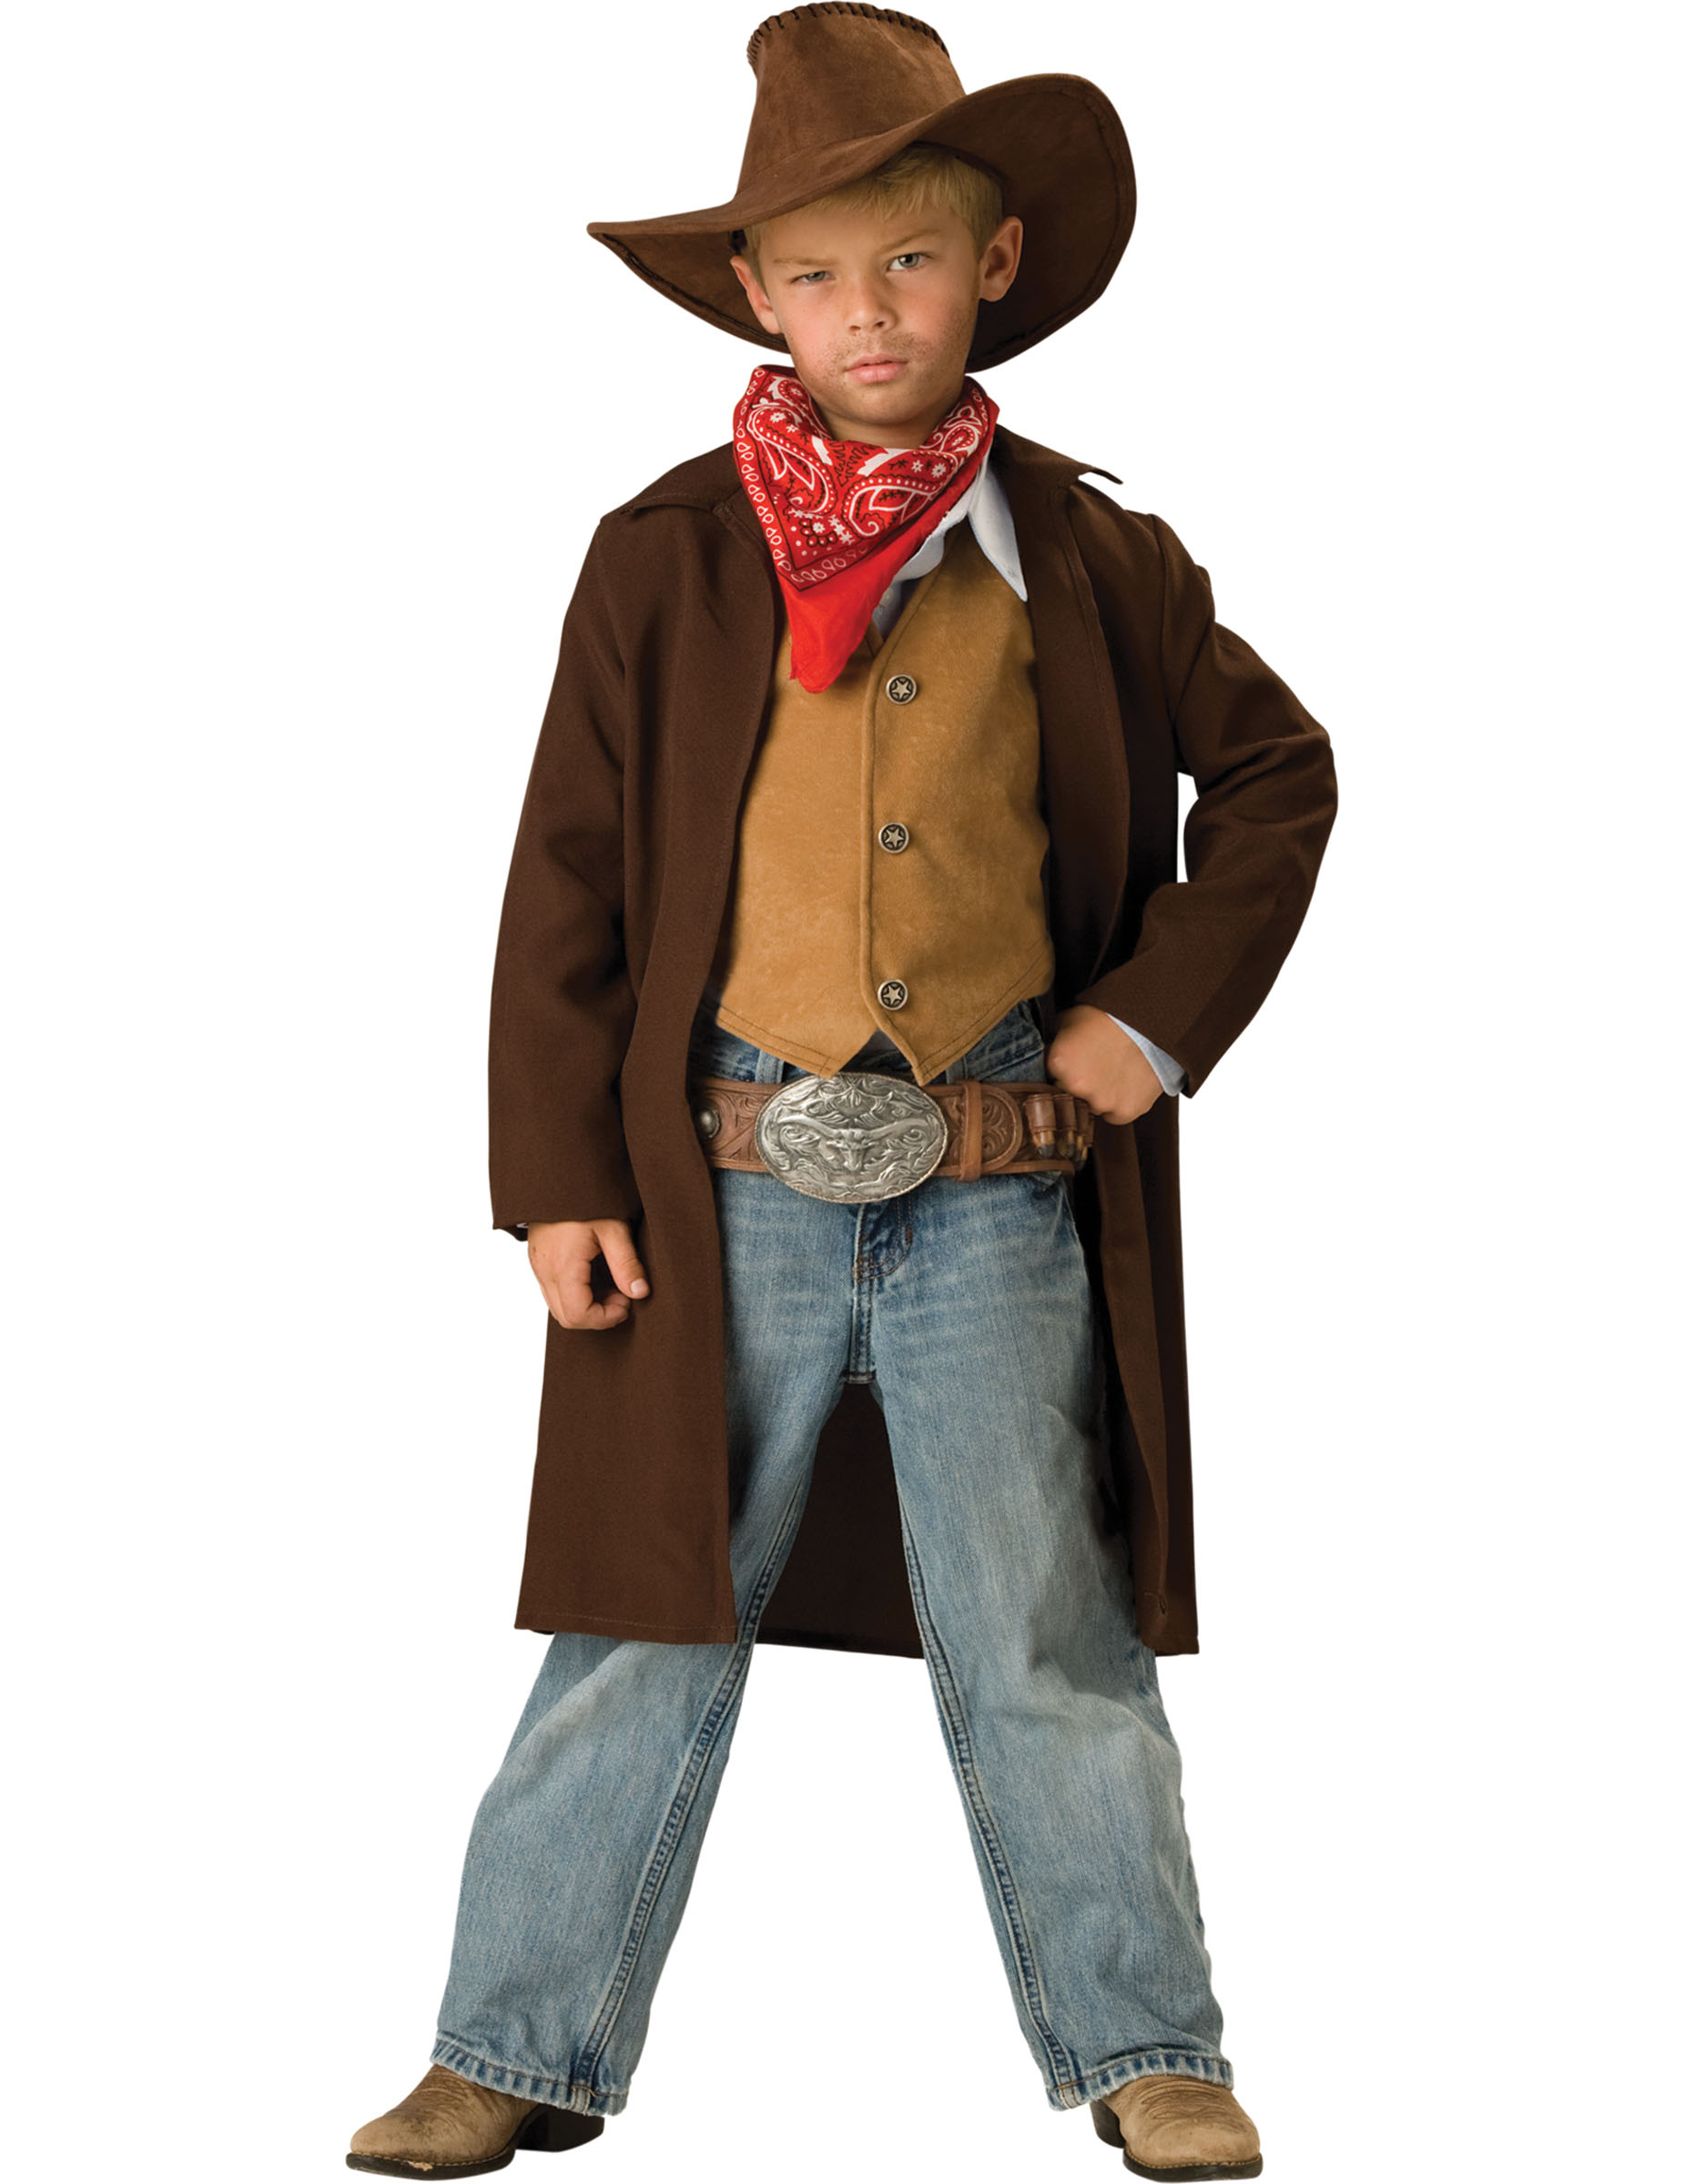 d guisement cowboy pour enfant premium achat de d guisements enfants sur vegaoopro grossiste. Black Bedroom Furniture Sets. Home Design Ideas